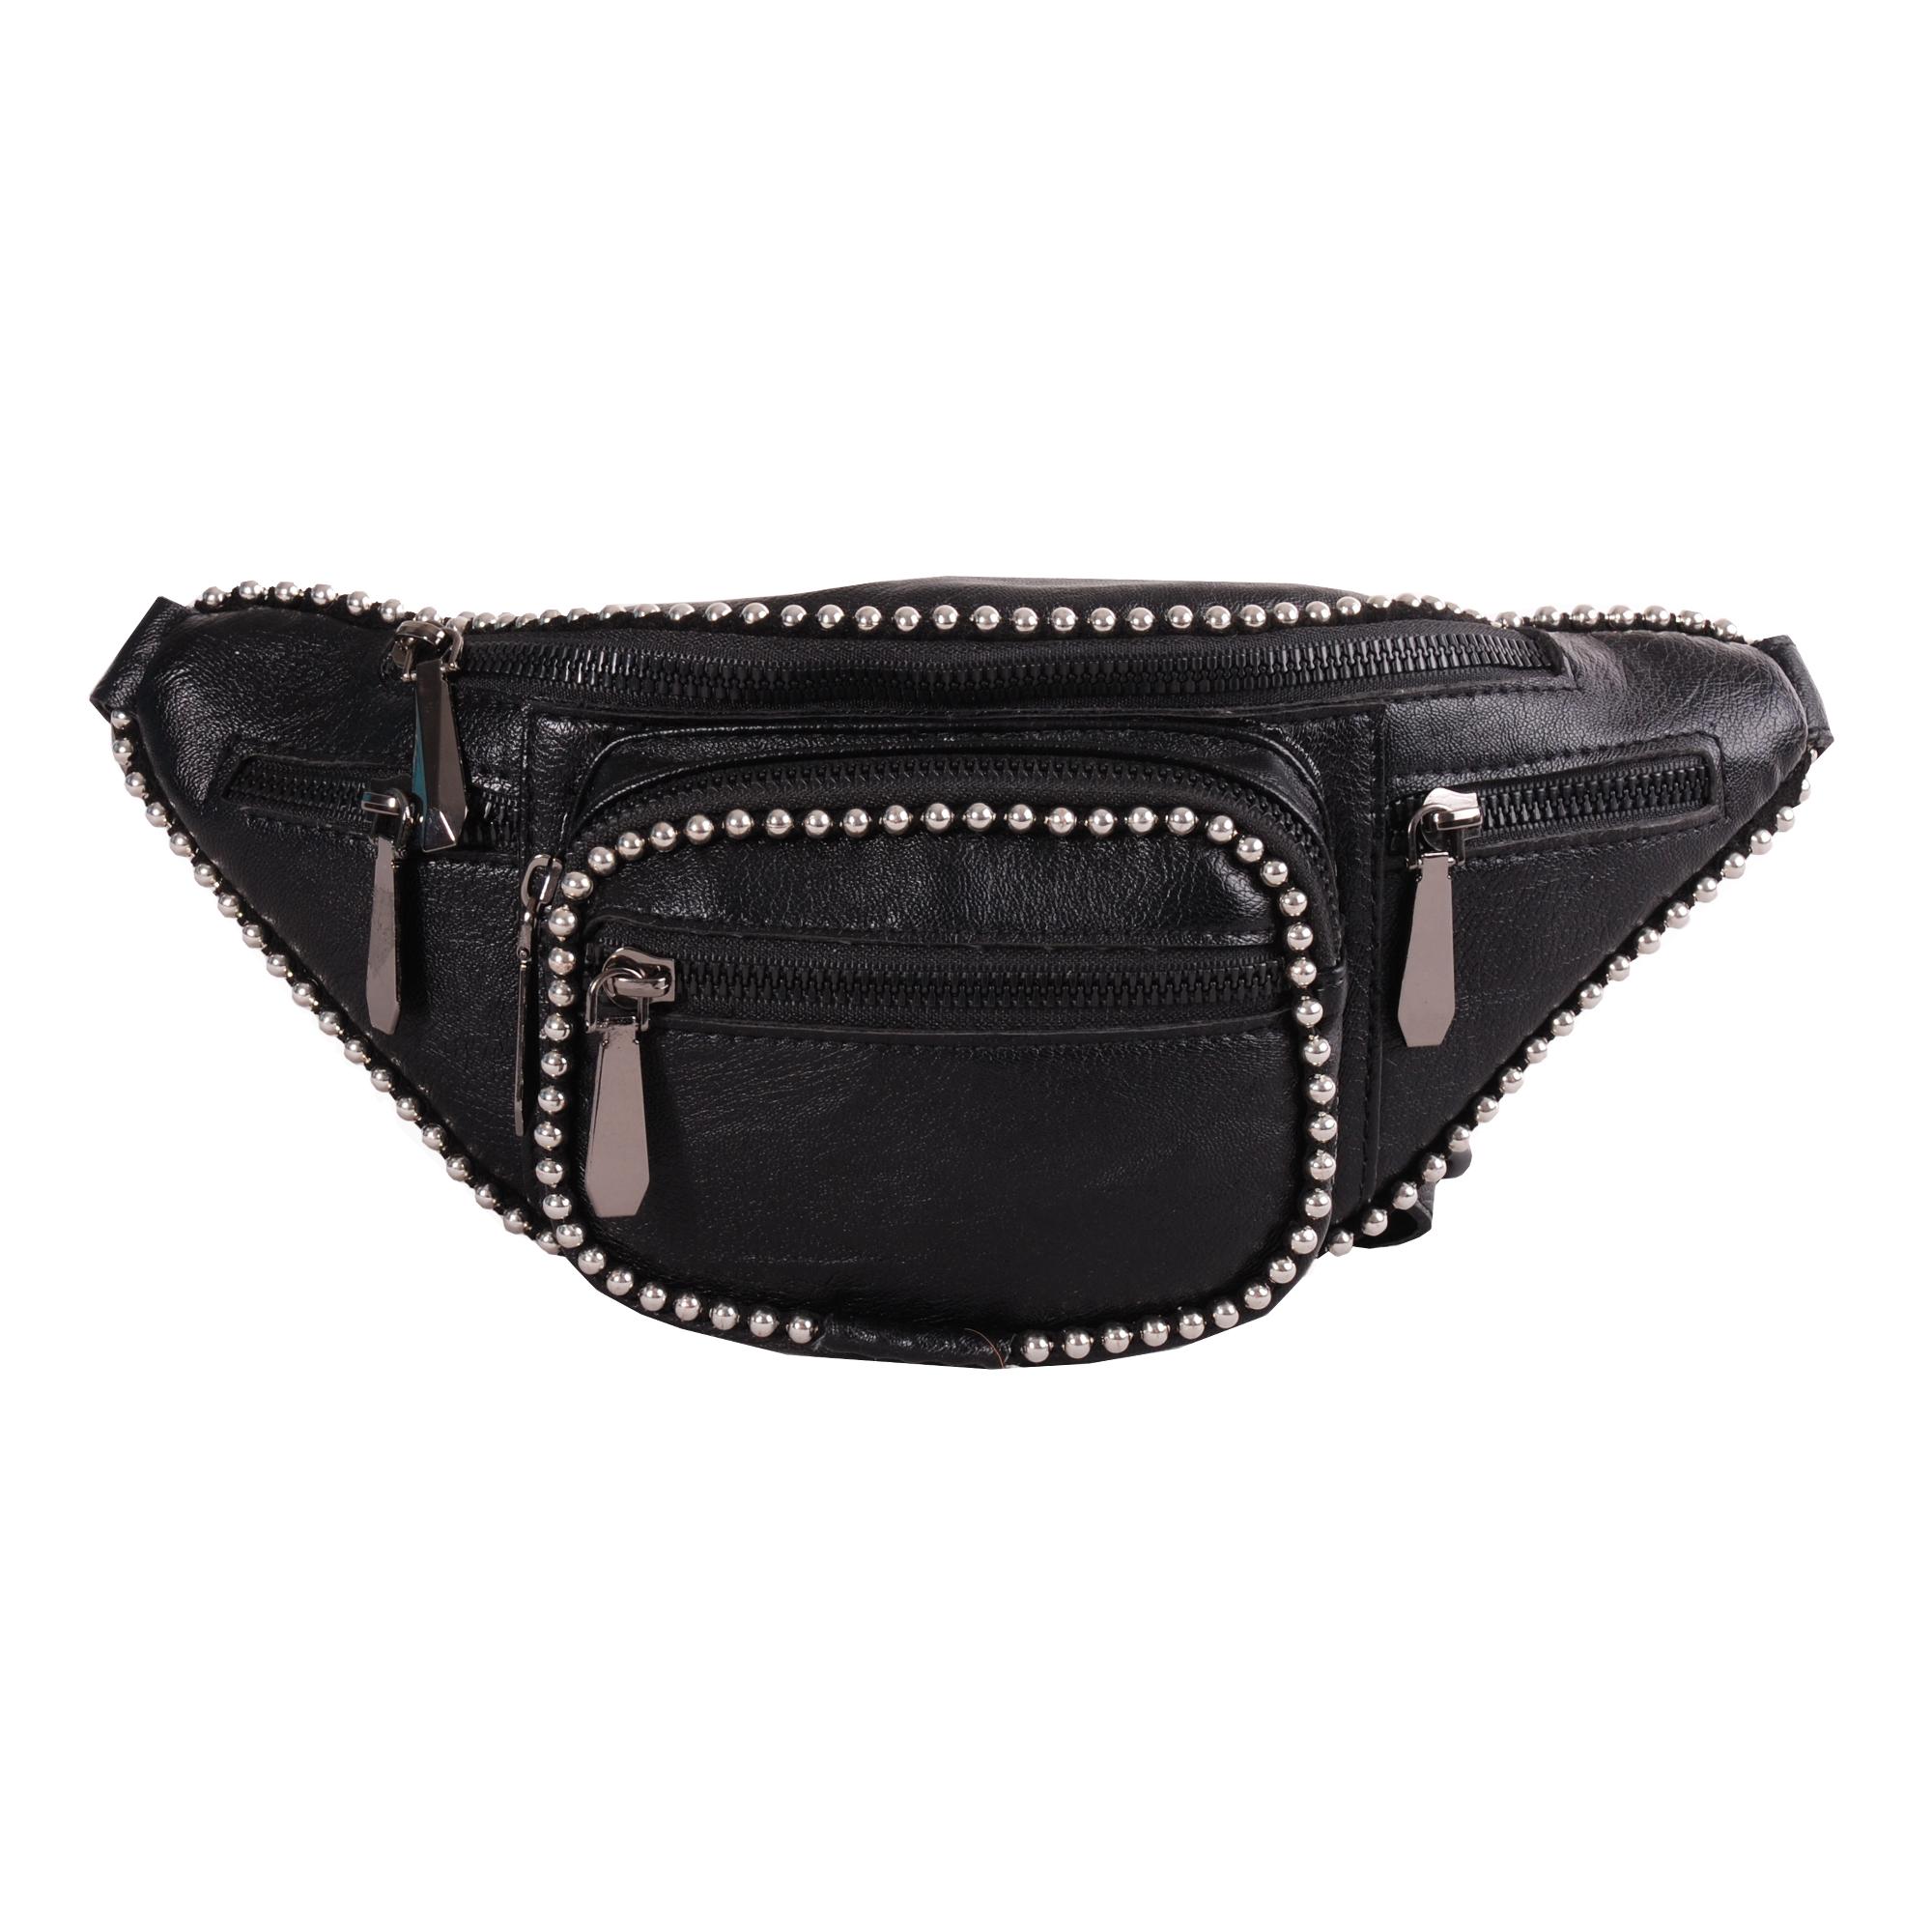 کیف کمری زنانه شیلر مدل 1-3006